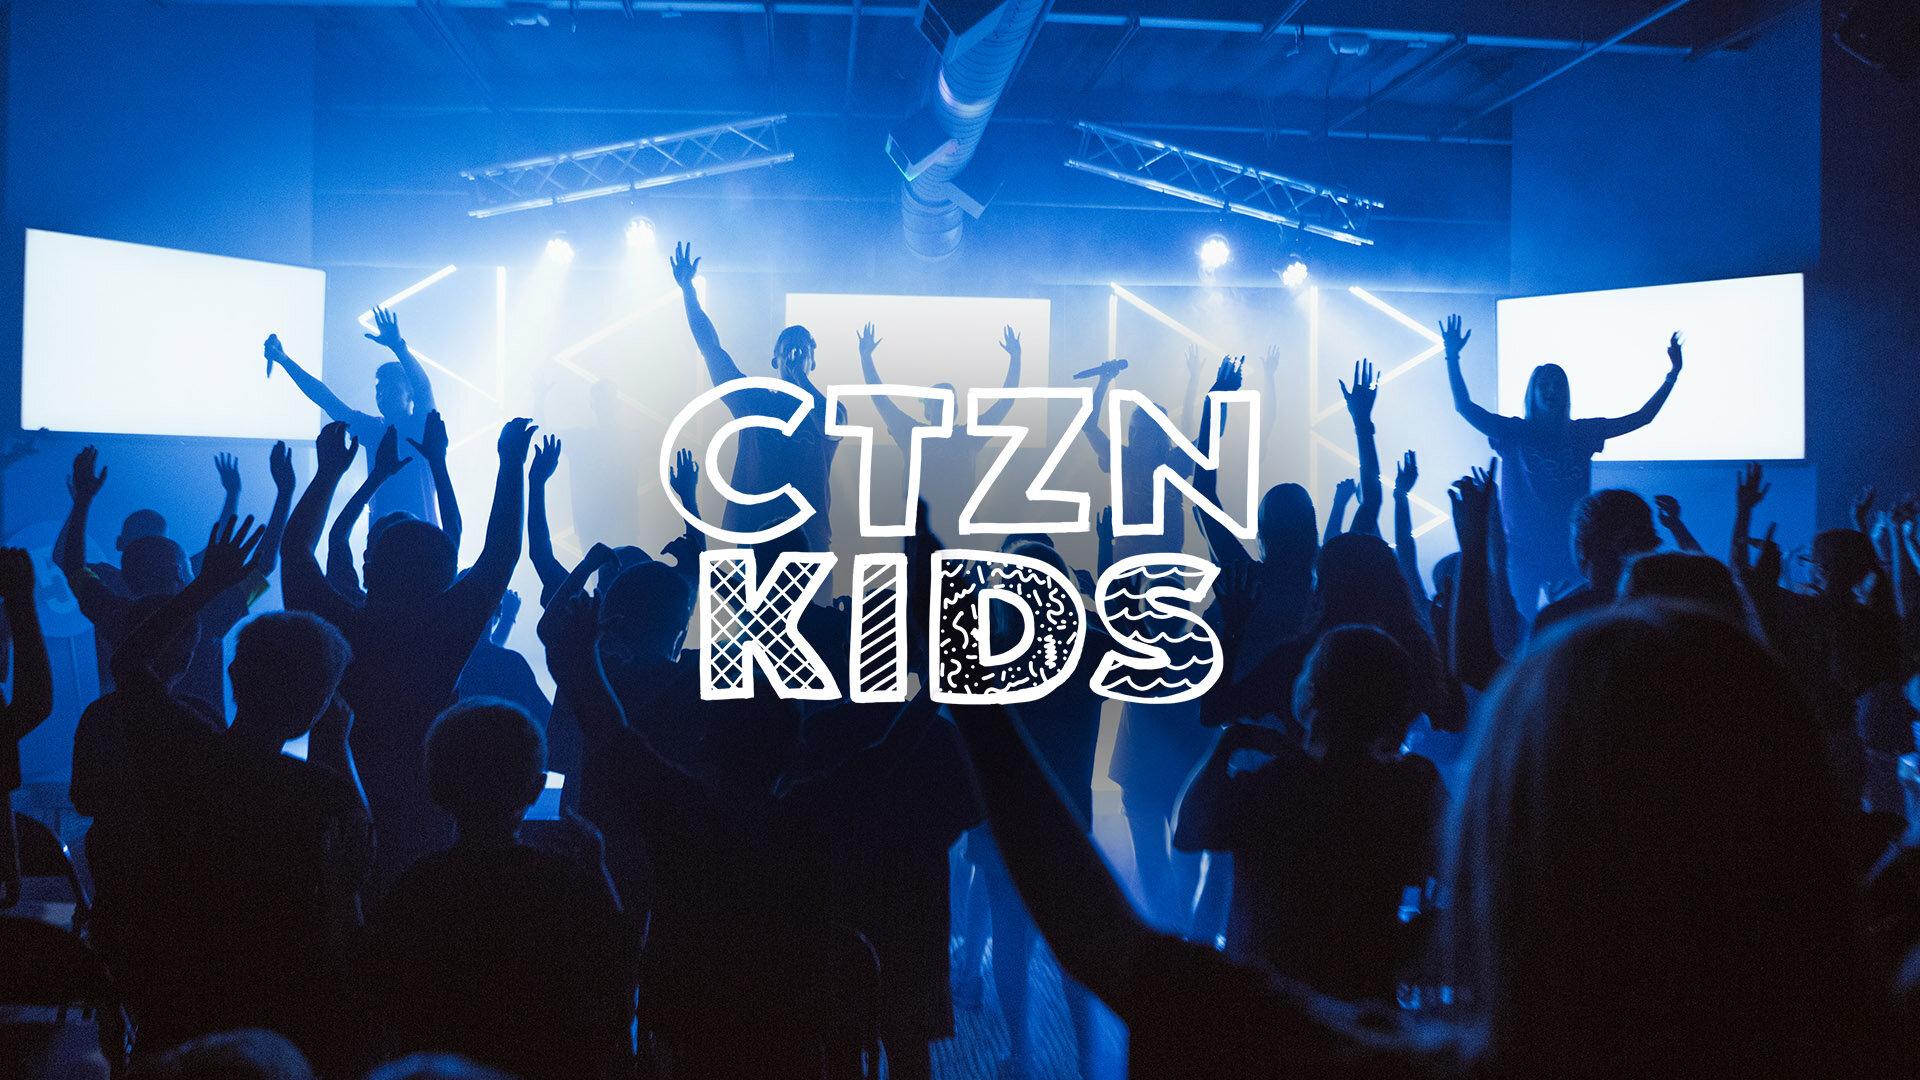 Citizen Kids   Sed dictum ante a leo cursus mattis. Integer euismod, lorem sed molestie gravida, justo mauris dignissim orci.